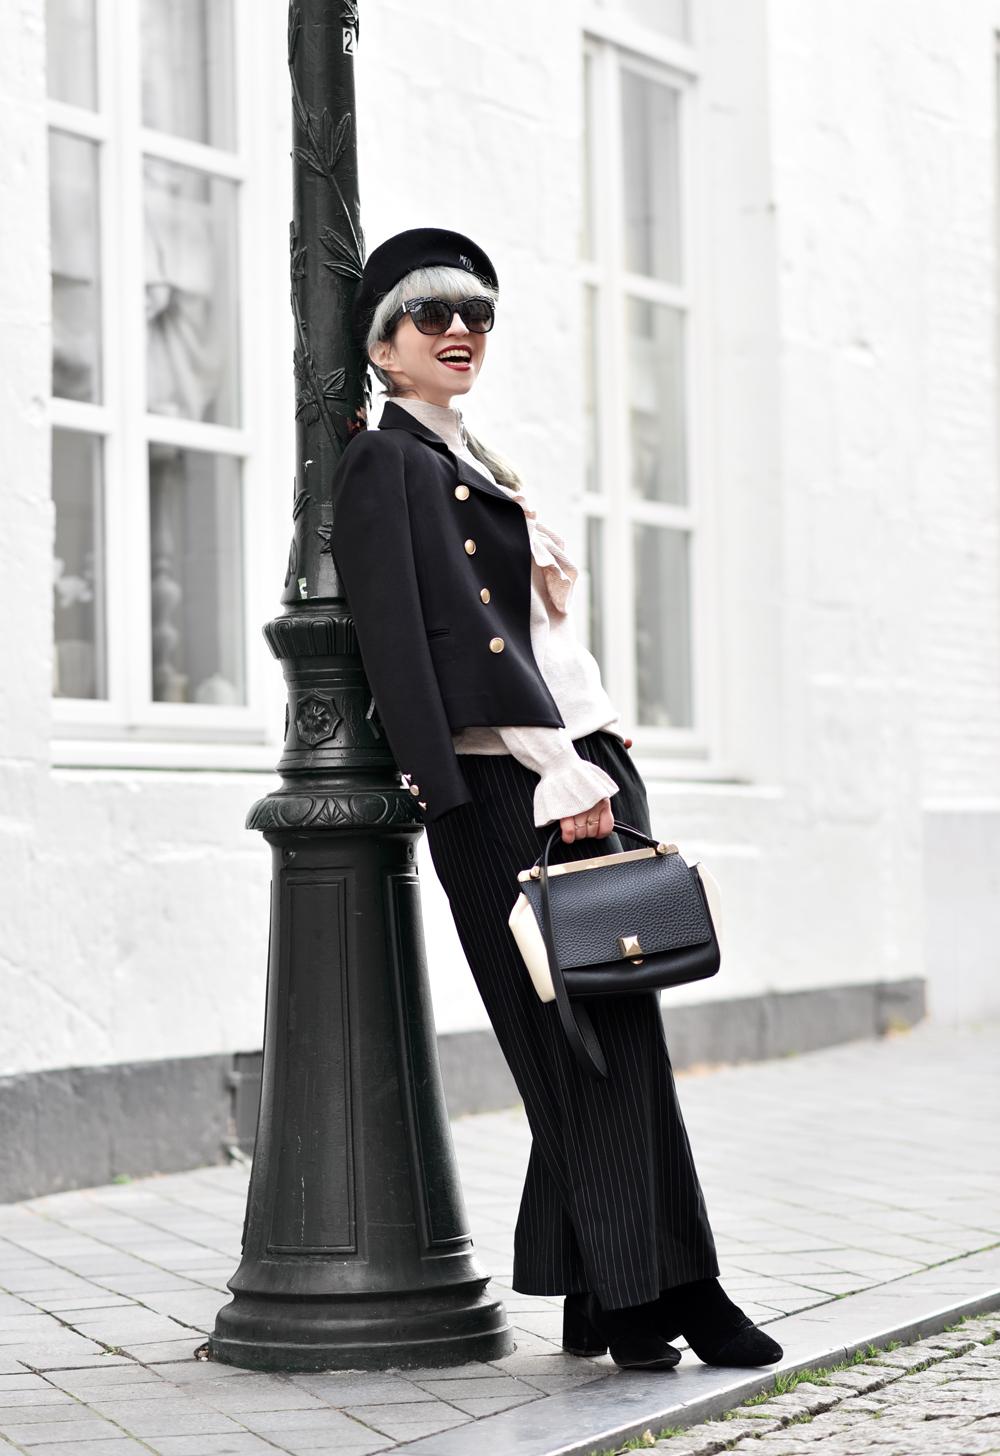 parisienne, französisch, jacke, military, navy, outfit, streetstyle, nachgesternistvormorgen, schwarz, weiss, modeblogger, muenchen, fashionblogger, fashionblog